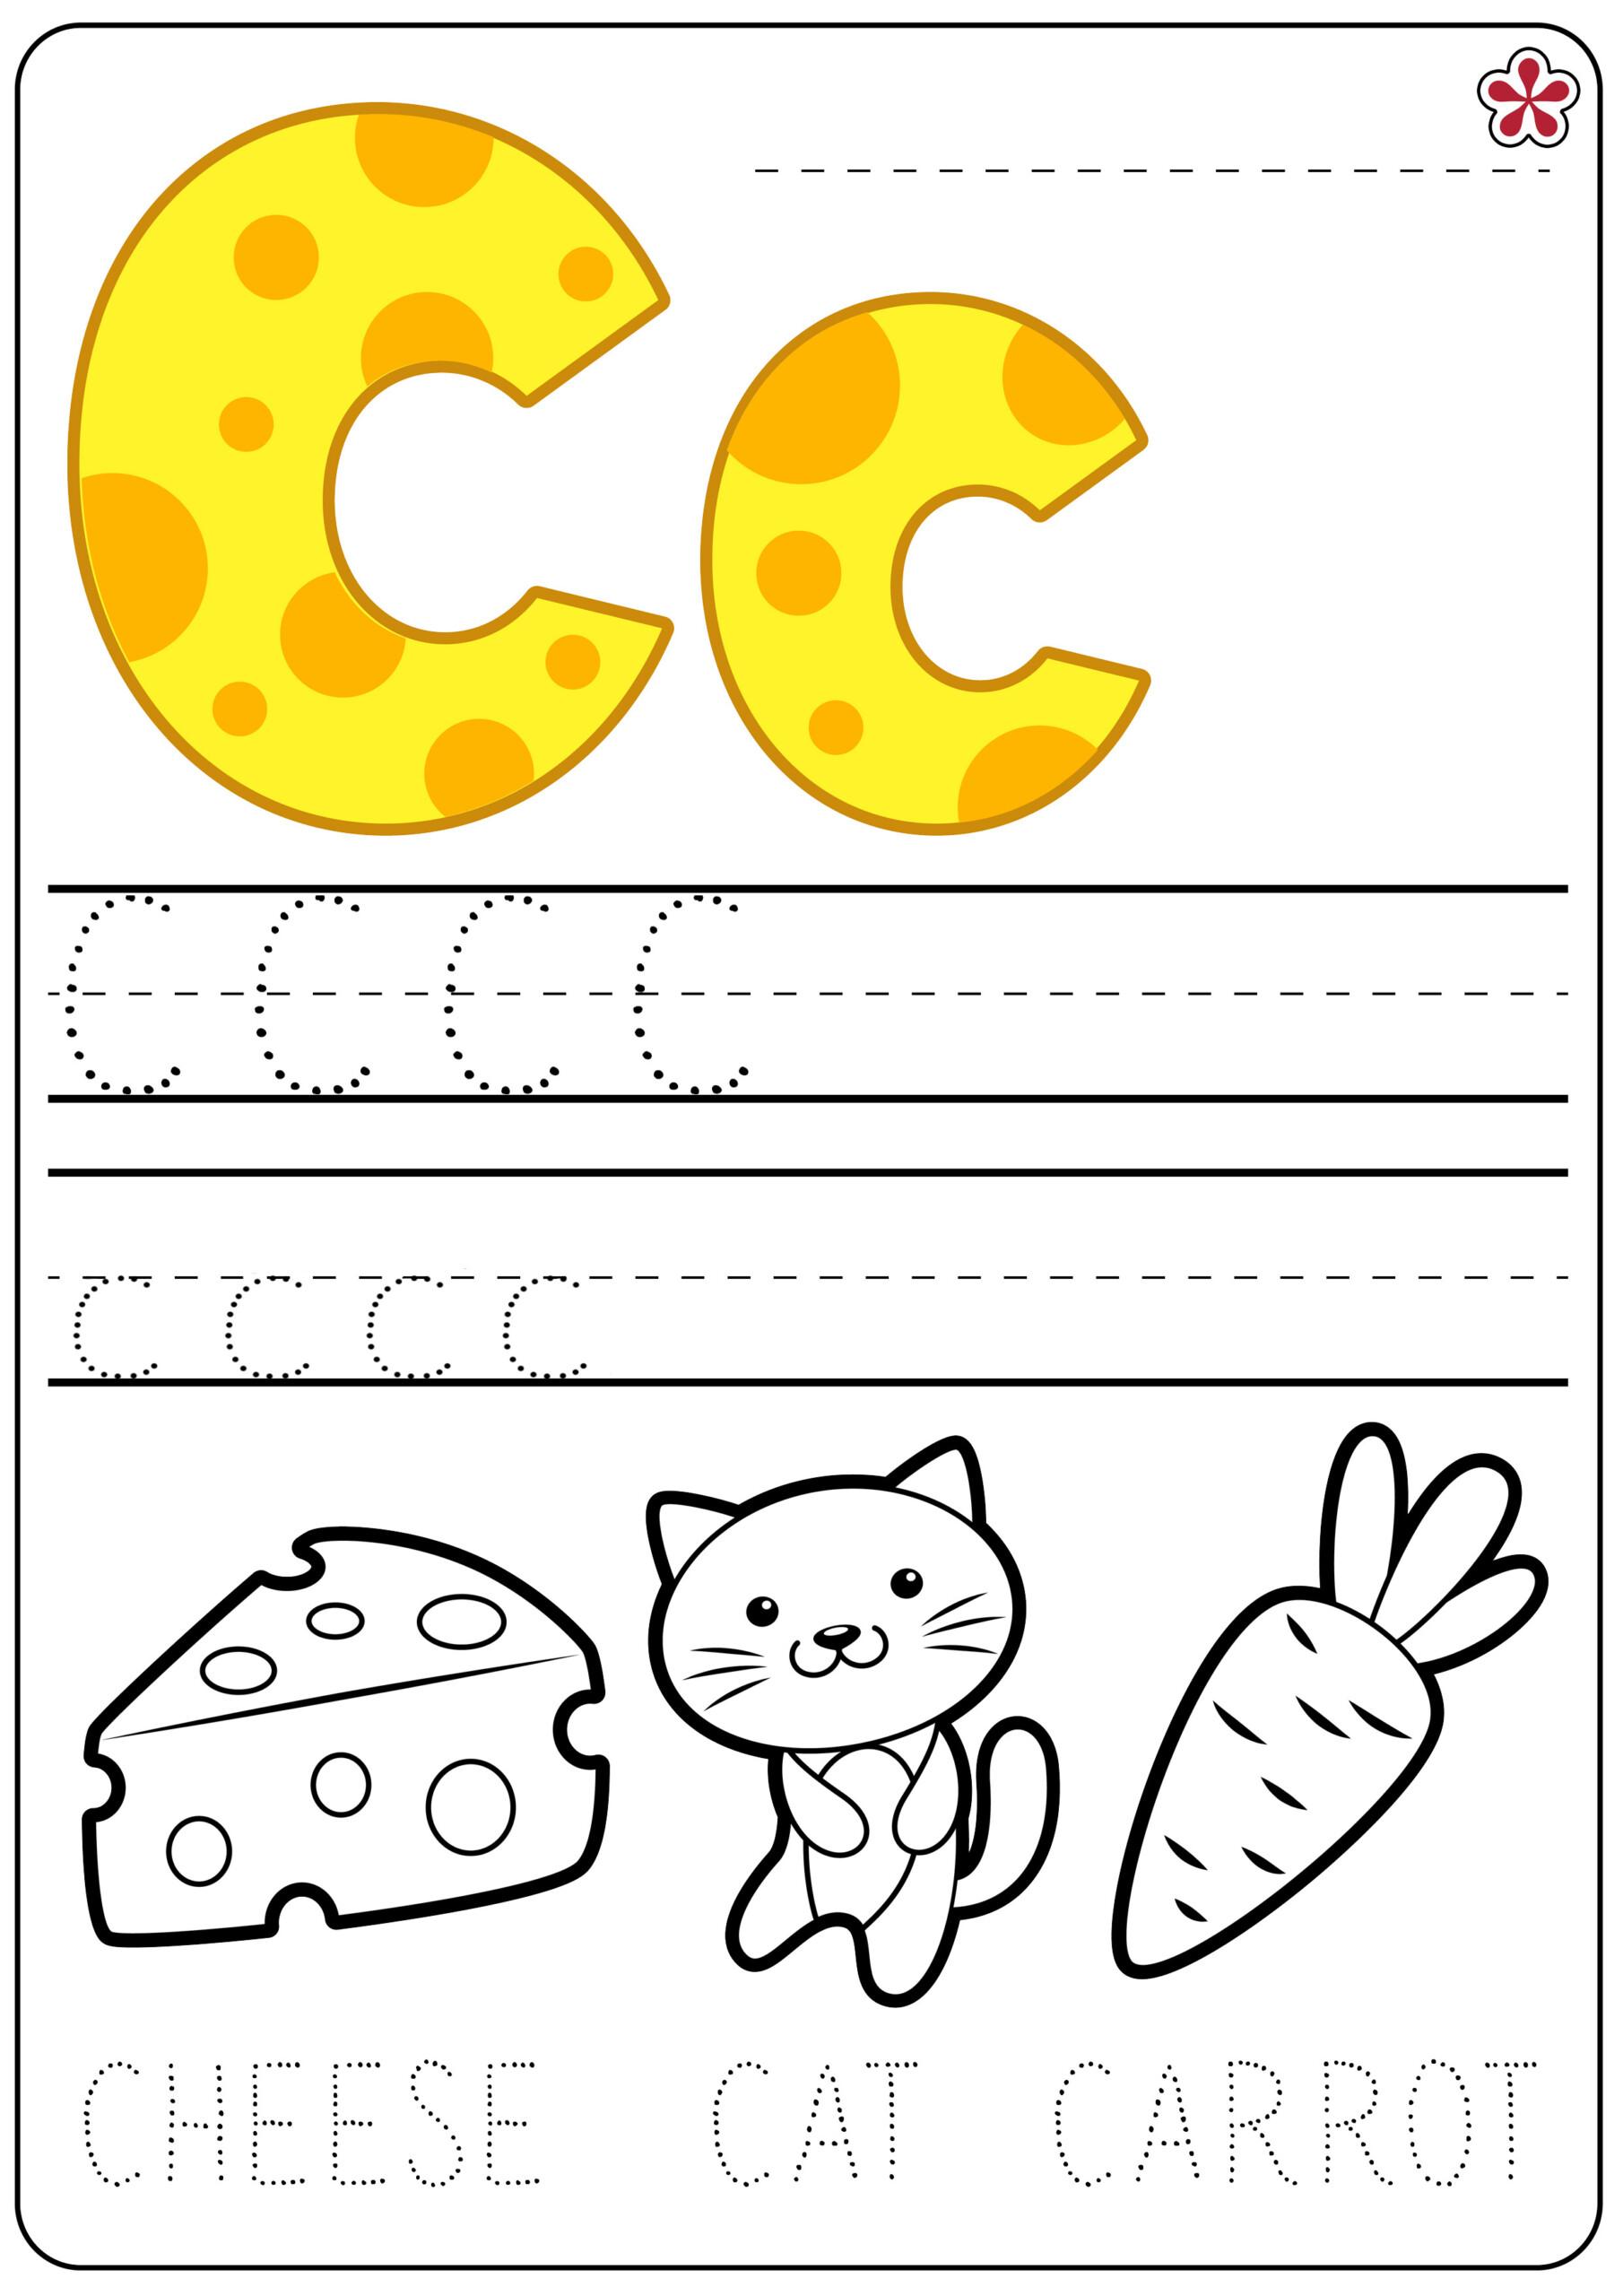 Letter C Worksheets | Teachersmag